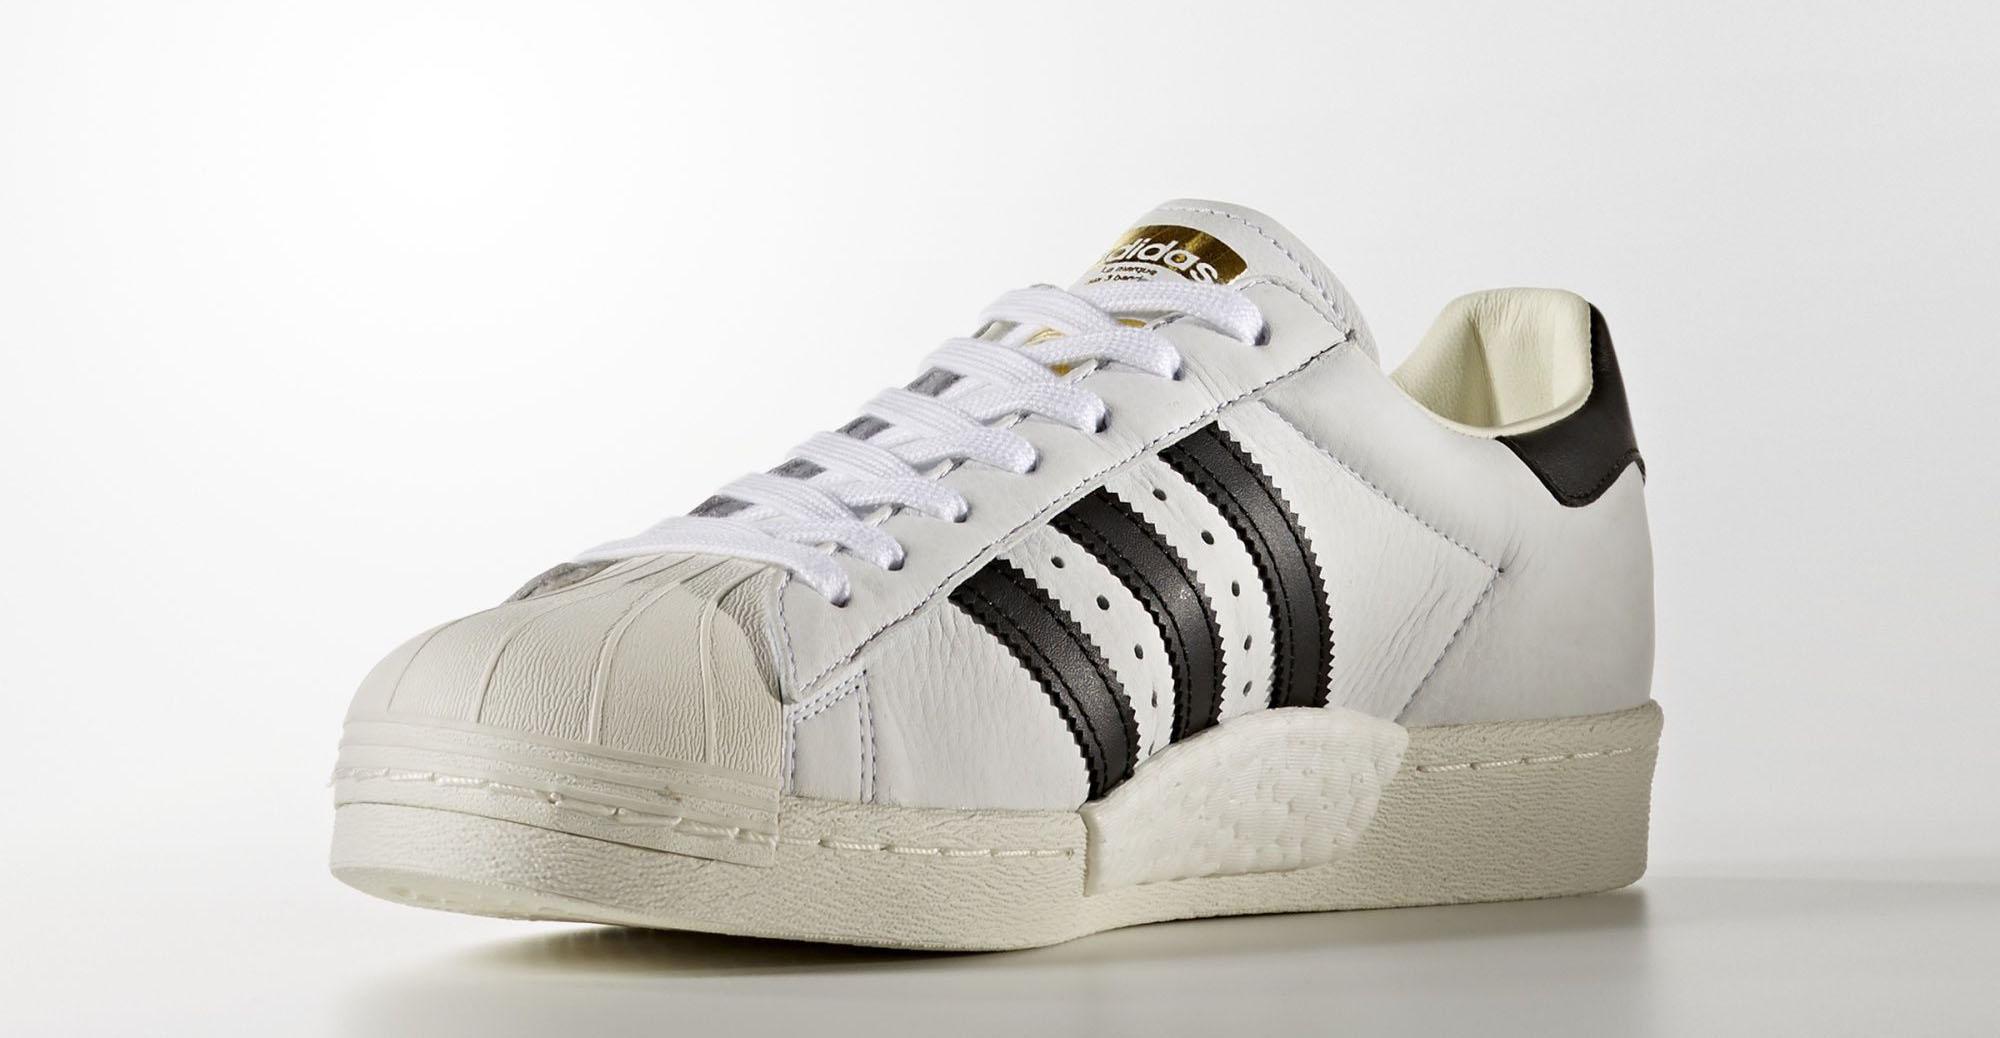 Adidas Superstar Boost White Black